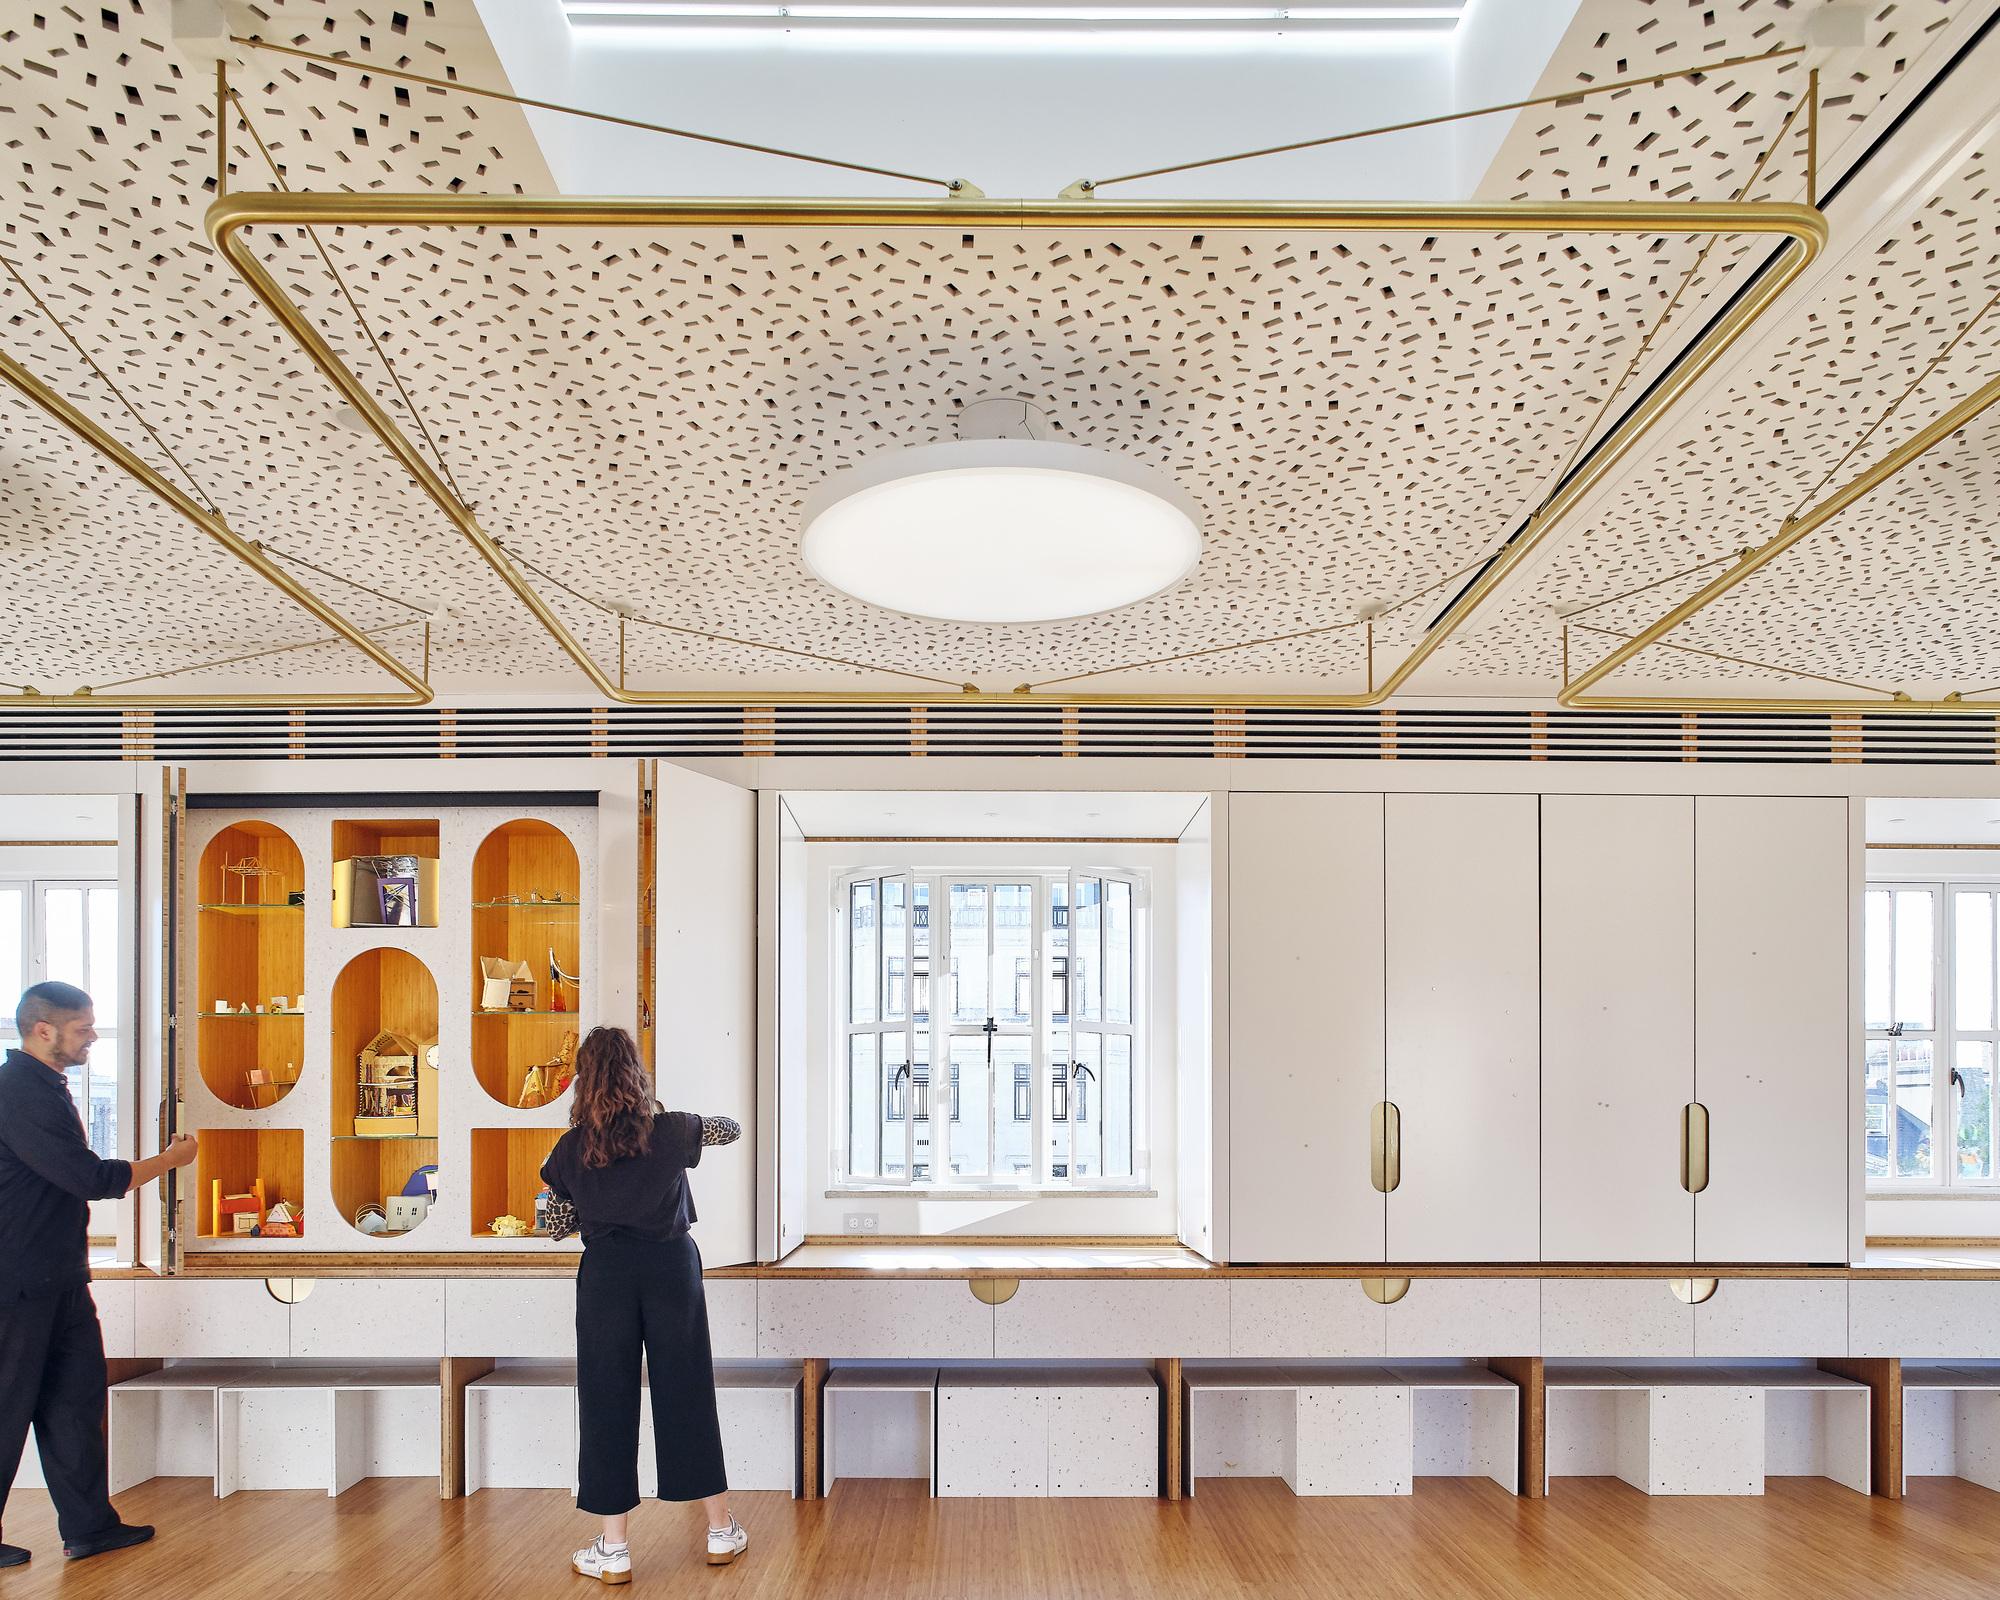 Atelier D Architecture Alexandre Dreyssé architecture projects | archdaily, page 12